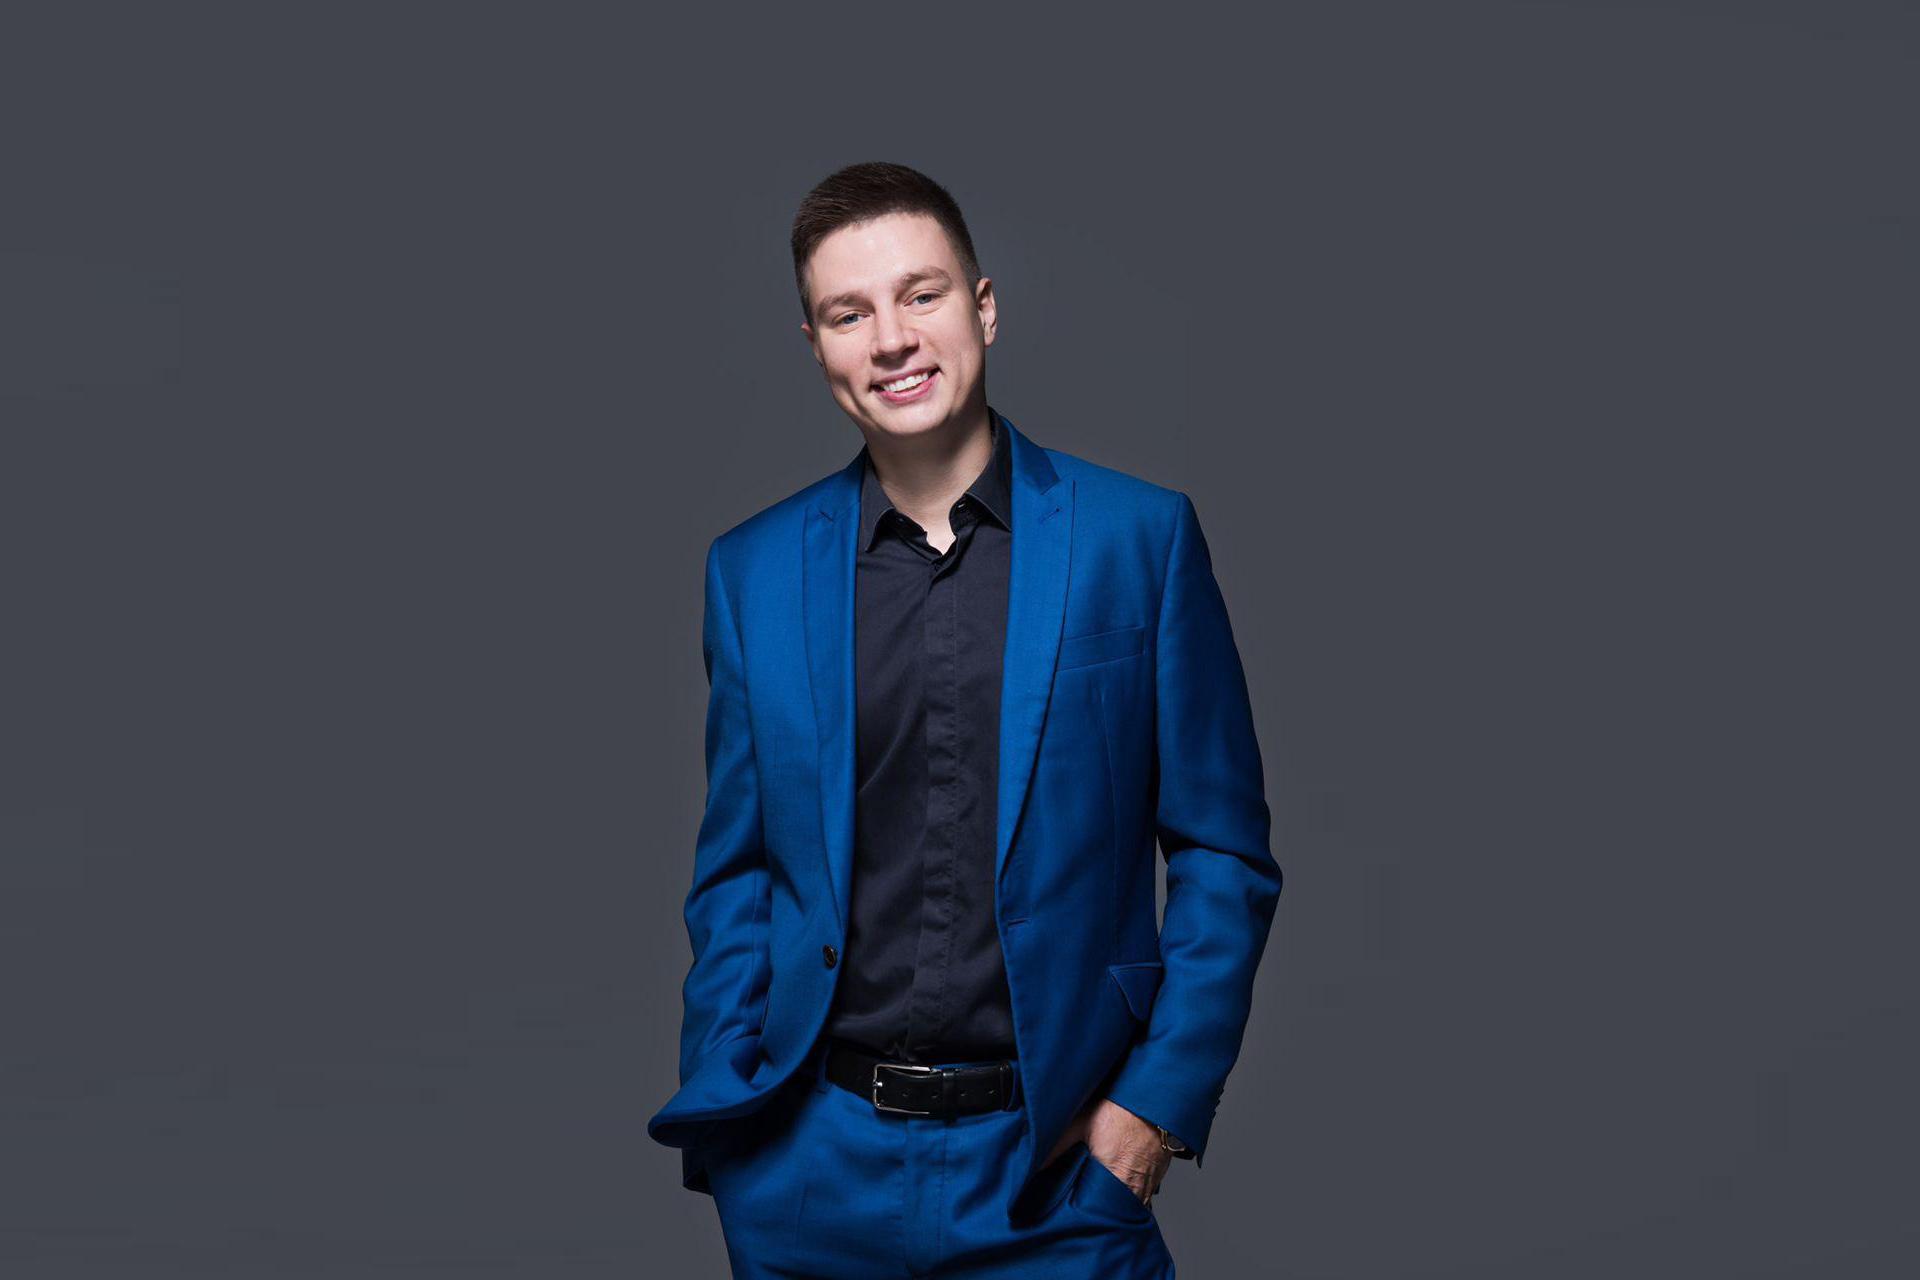 Сергей Мишин. Как стать топ-экспертом по продажам в premium сегменте